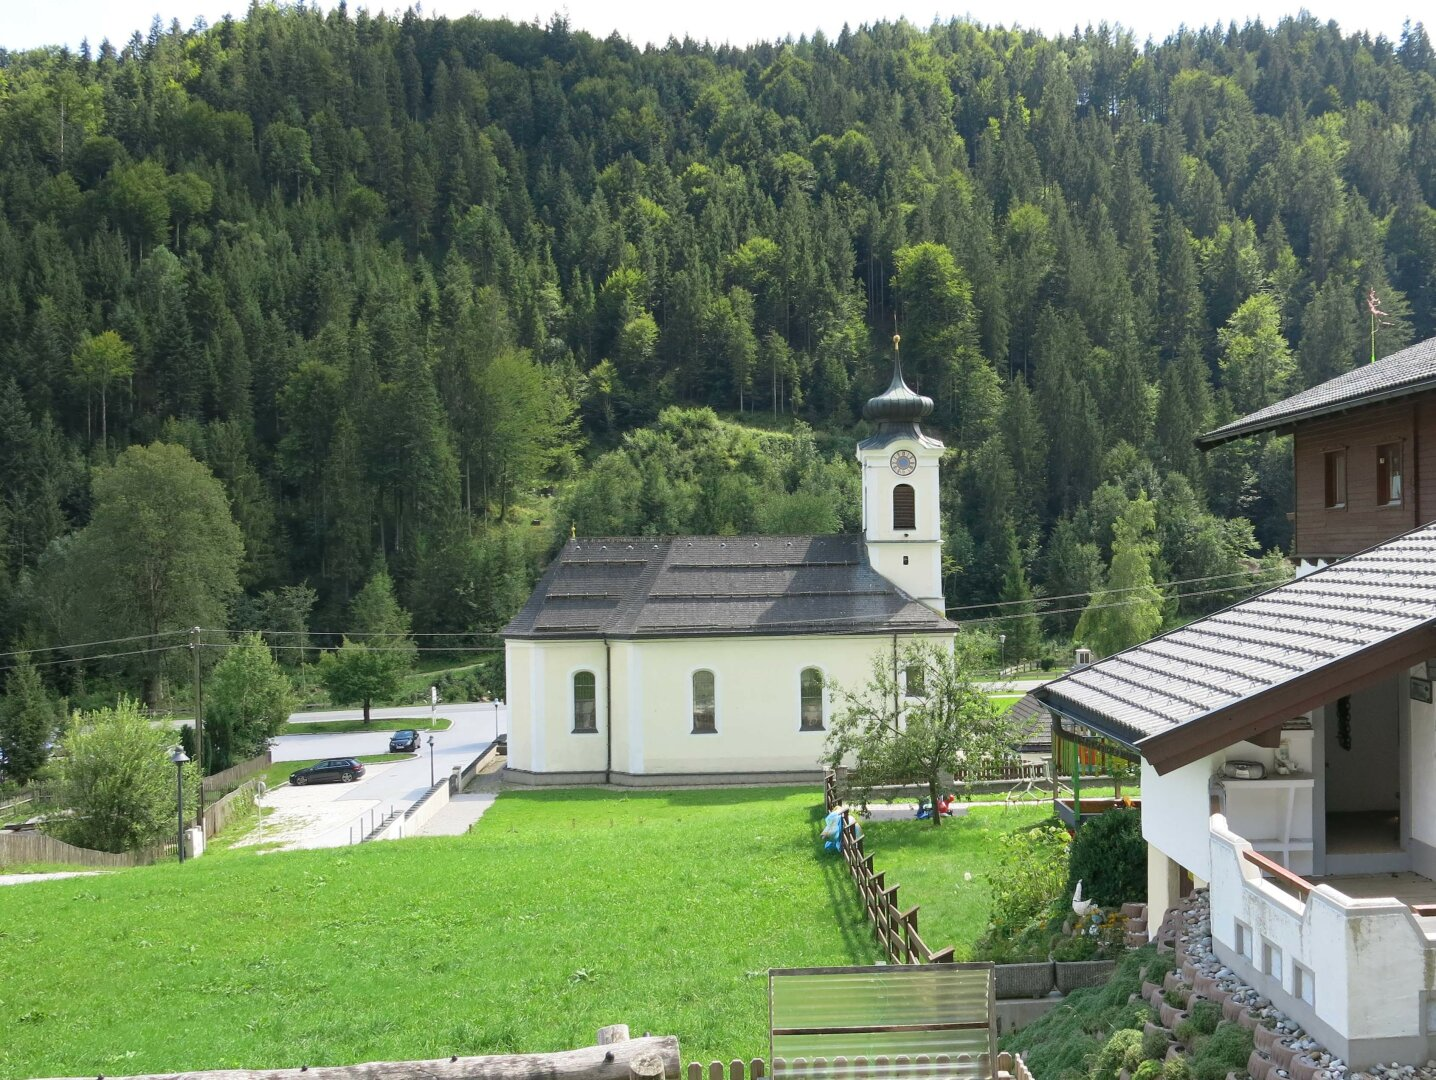 Haus Thiersee-Landl, Ausblick zur Kirche